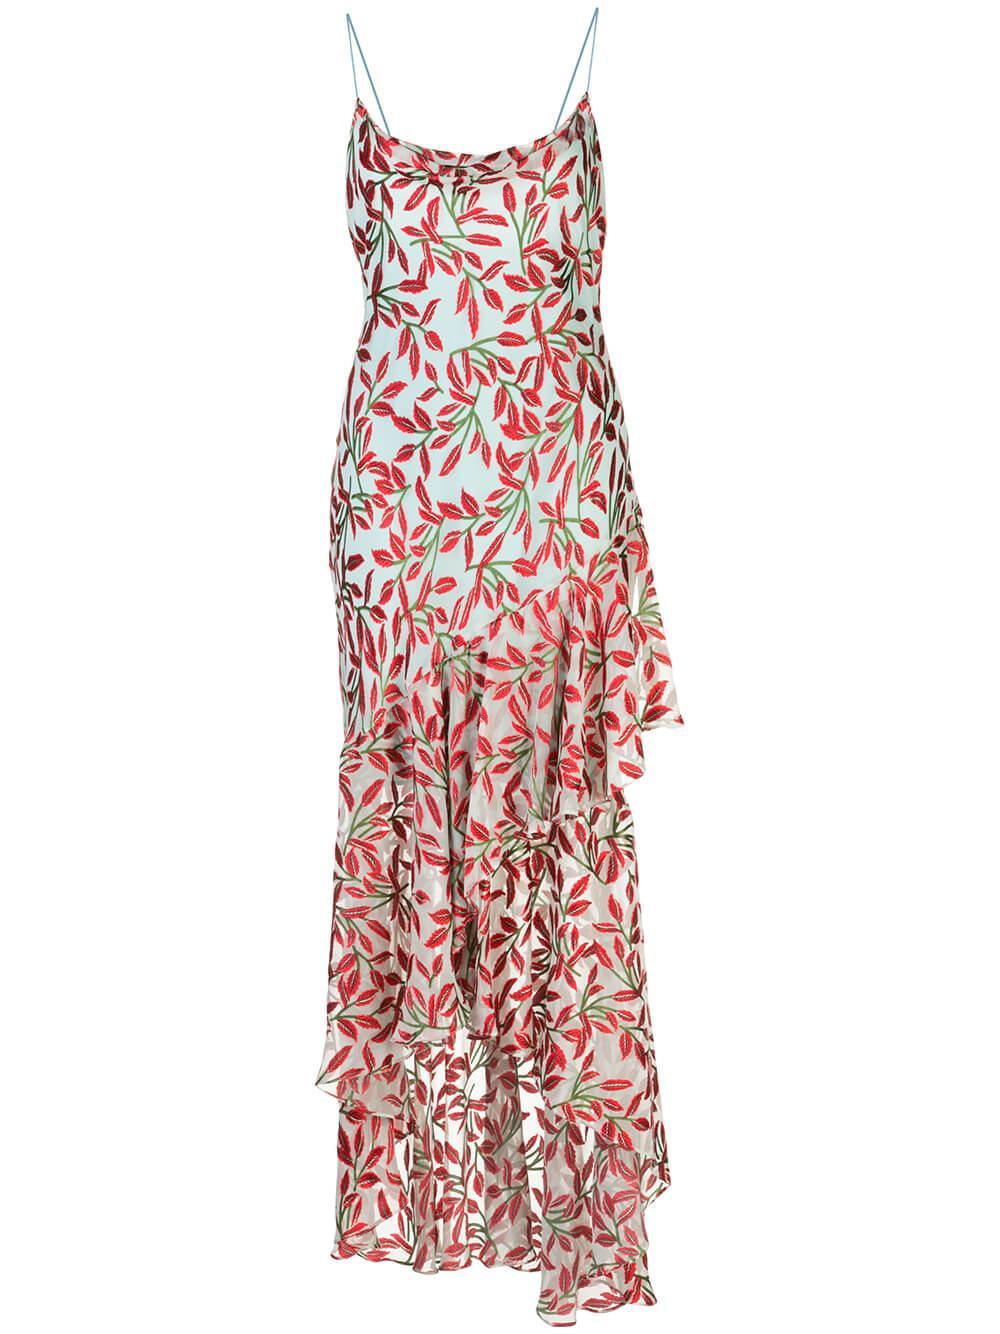 Ginger Cowl Neck Ruffle Skirt Dress Item # CC003B36534